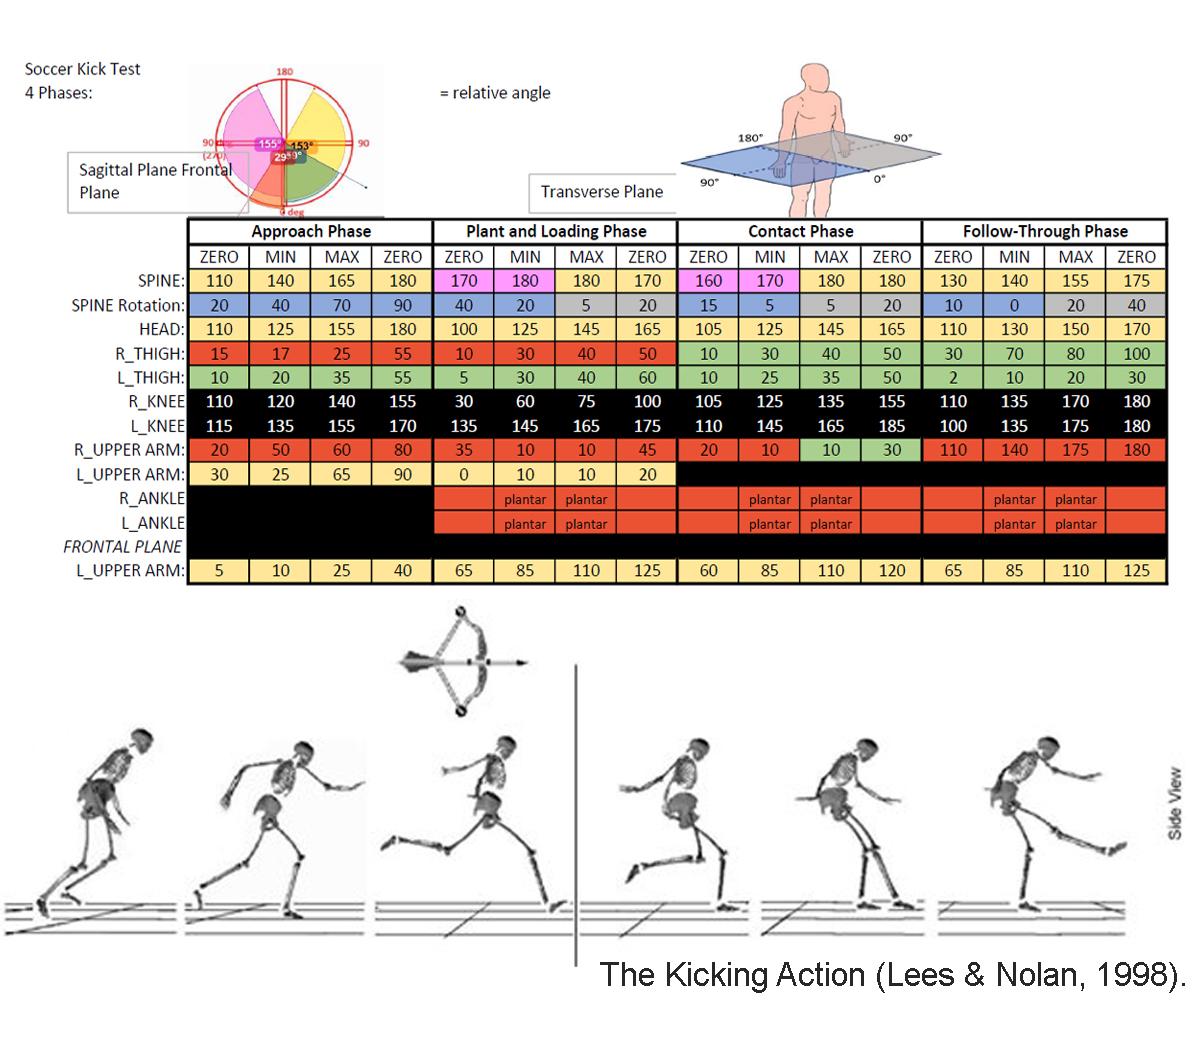 The Kicking Action (Lees & Nolan, 1998).